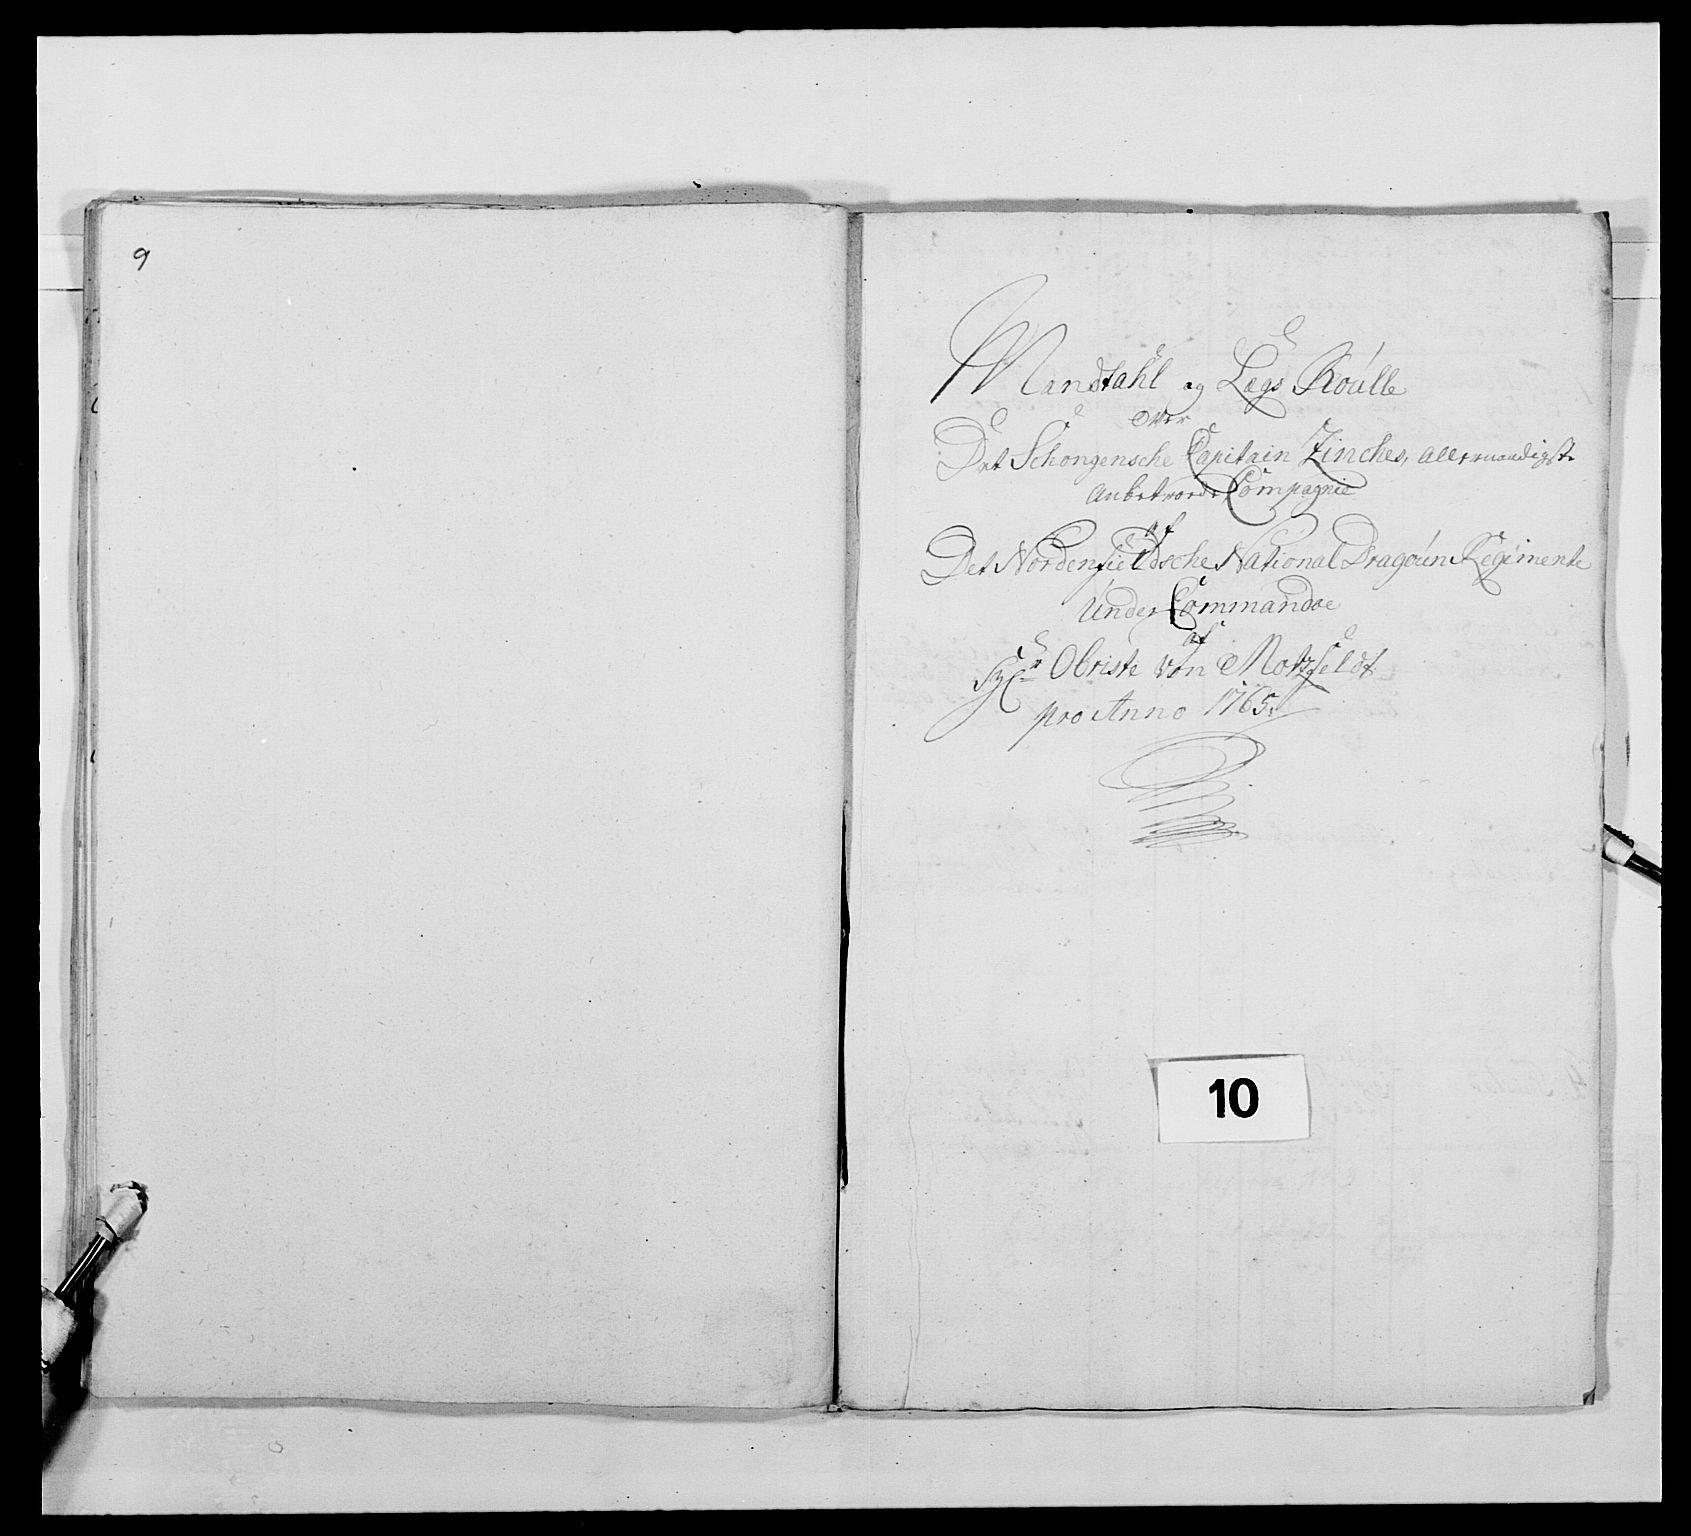 RA, Kommanderende general (KG I) med Det norske krigsdirektorium, E/Ea/L0483: Nordafjelske dragonregiment, 1765-1767, s. 221